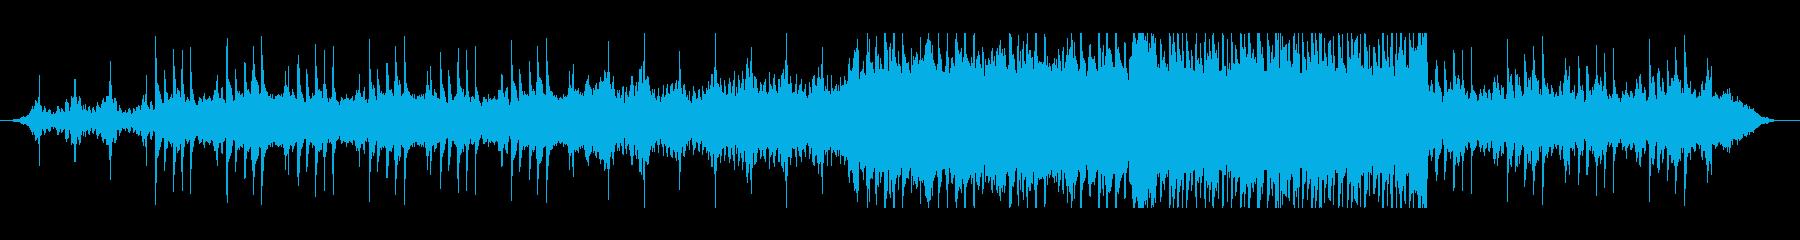 悲しく疾走感のあるピアノ・エレクトリックの再生済みの波形